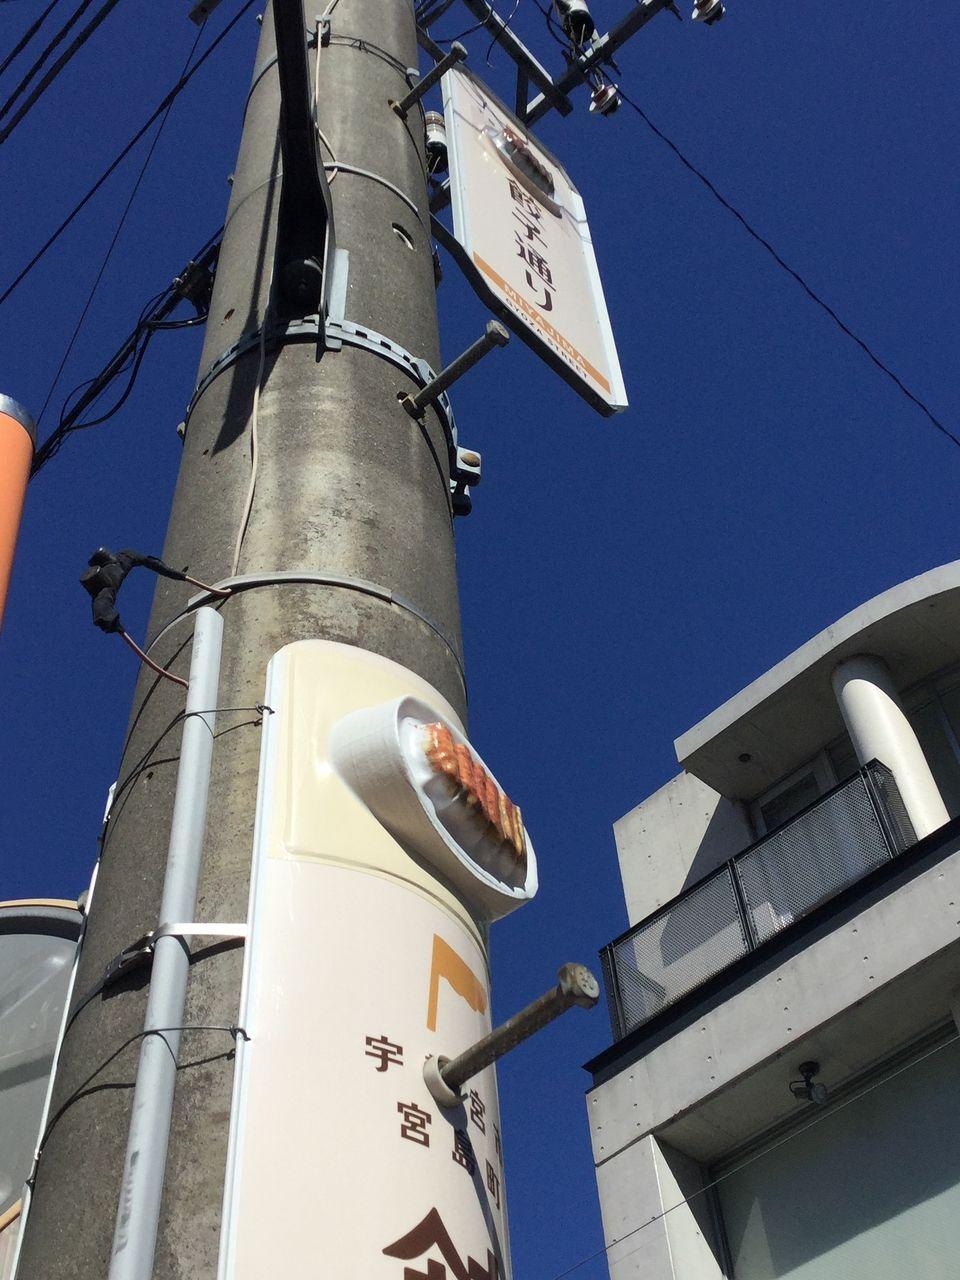 宇都宮市餃子通り 電柱看板